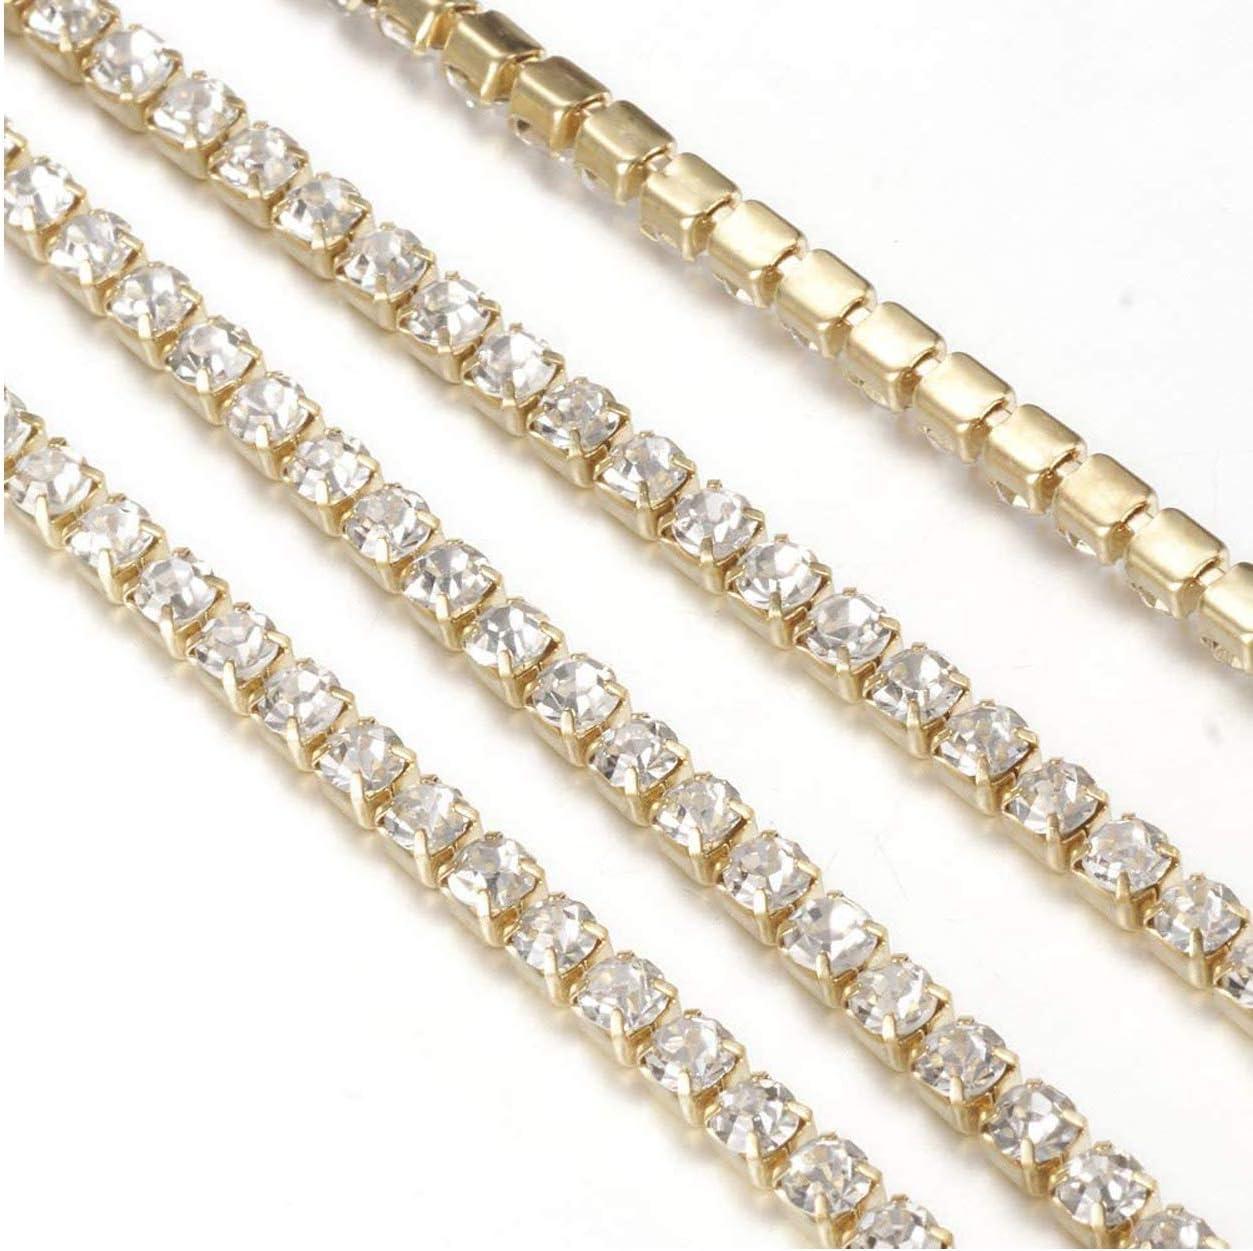 decoraci/ón para coser artesan/ía de boda Wohlstand Cinta trenzada de piedra brillante Crystal Rhinestone cierre de cadena de corte de la garra para joyer/ía